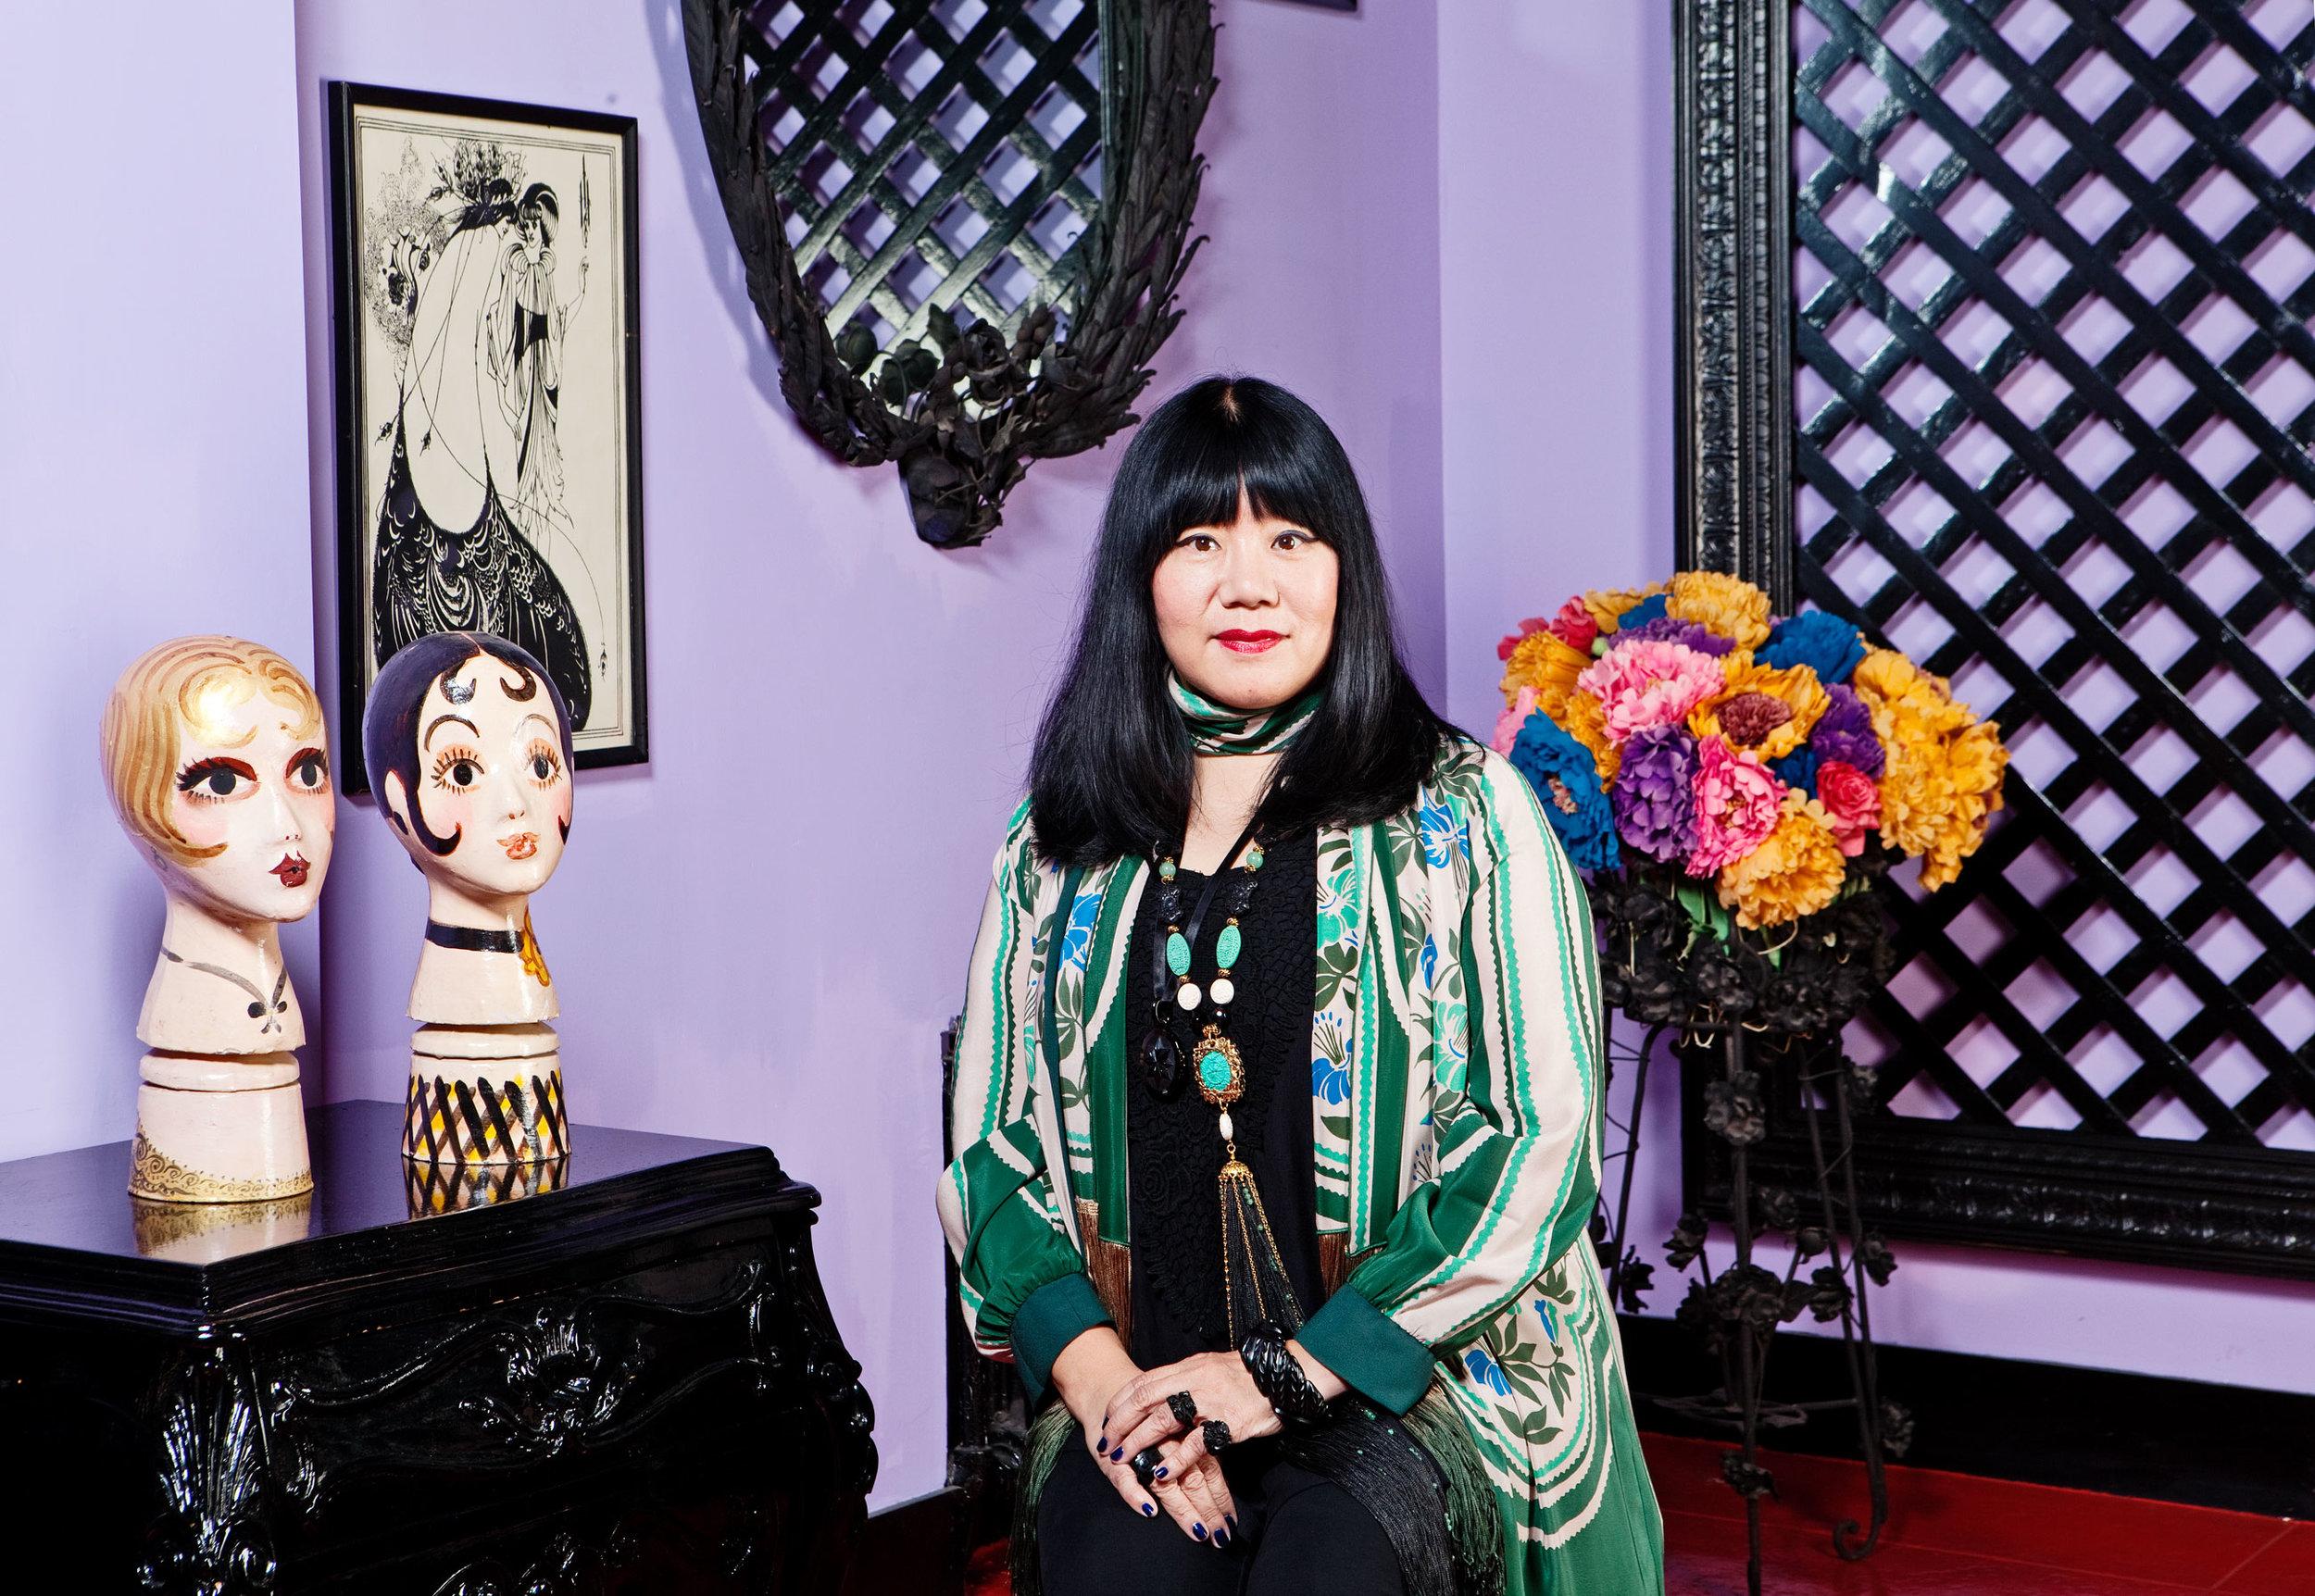 Anna Sui | fashion designer